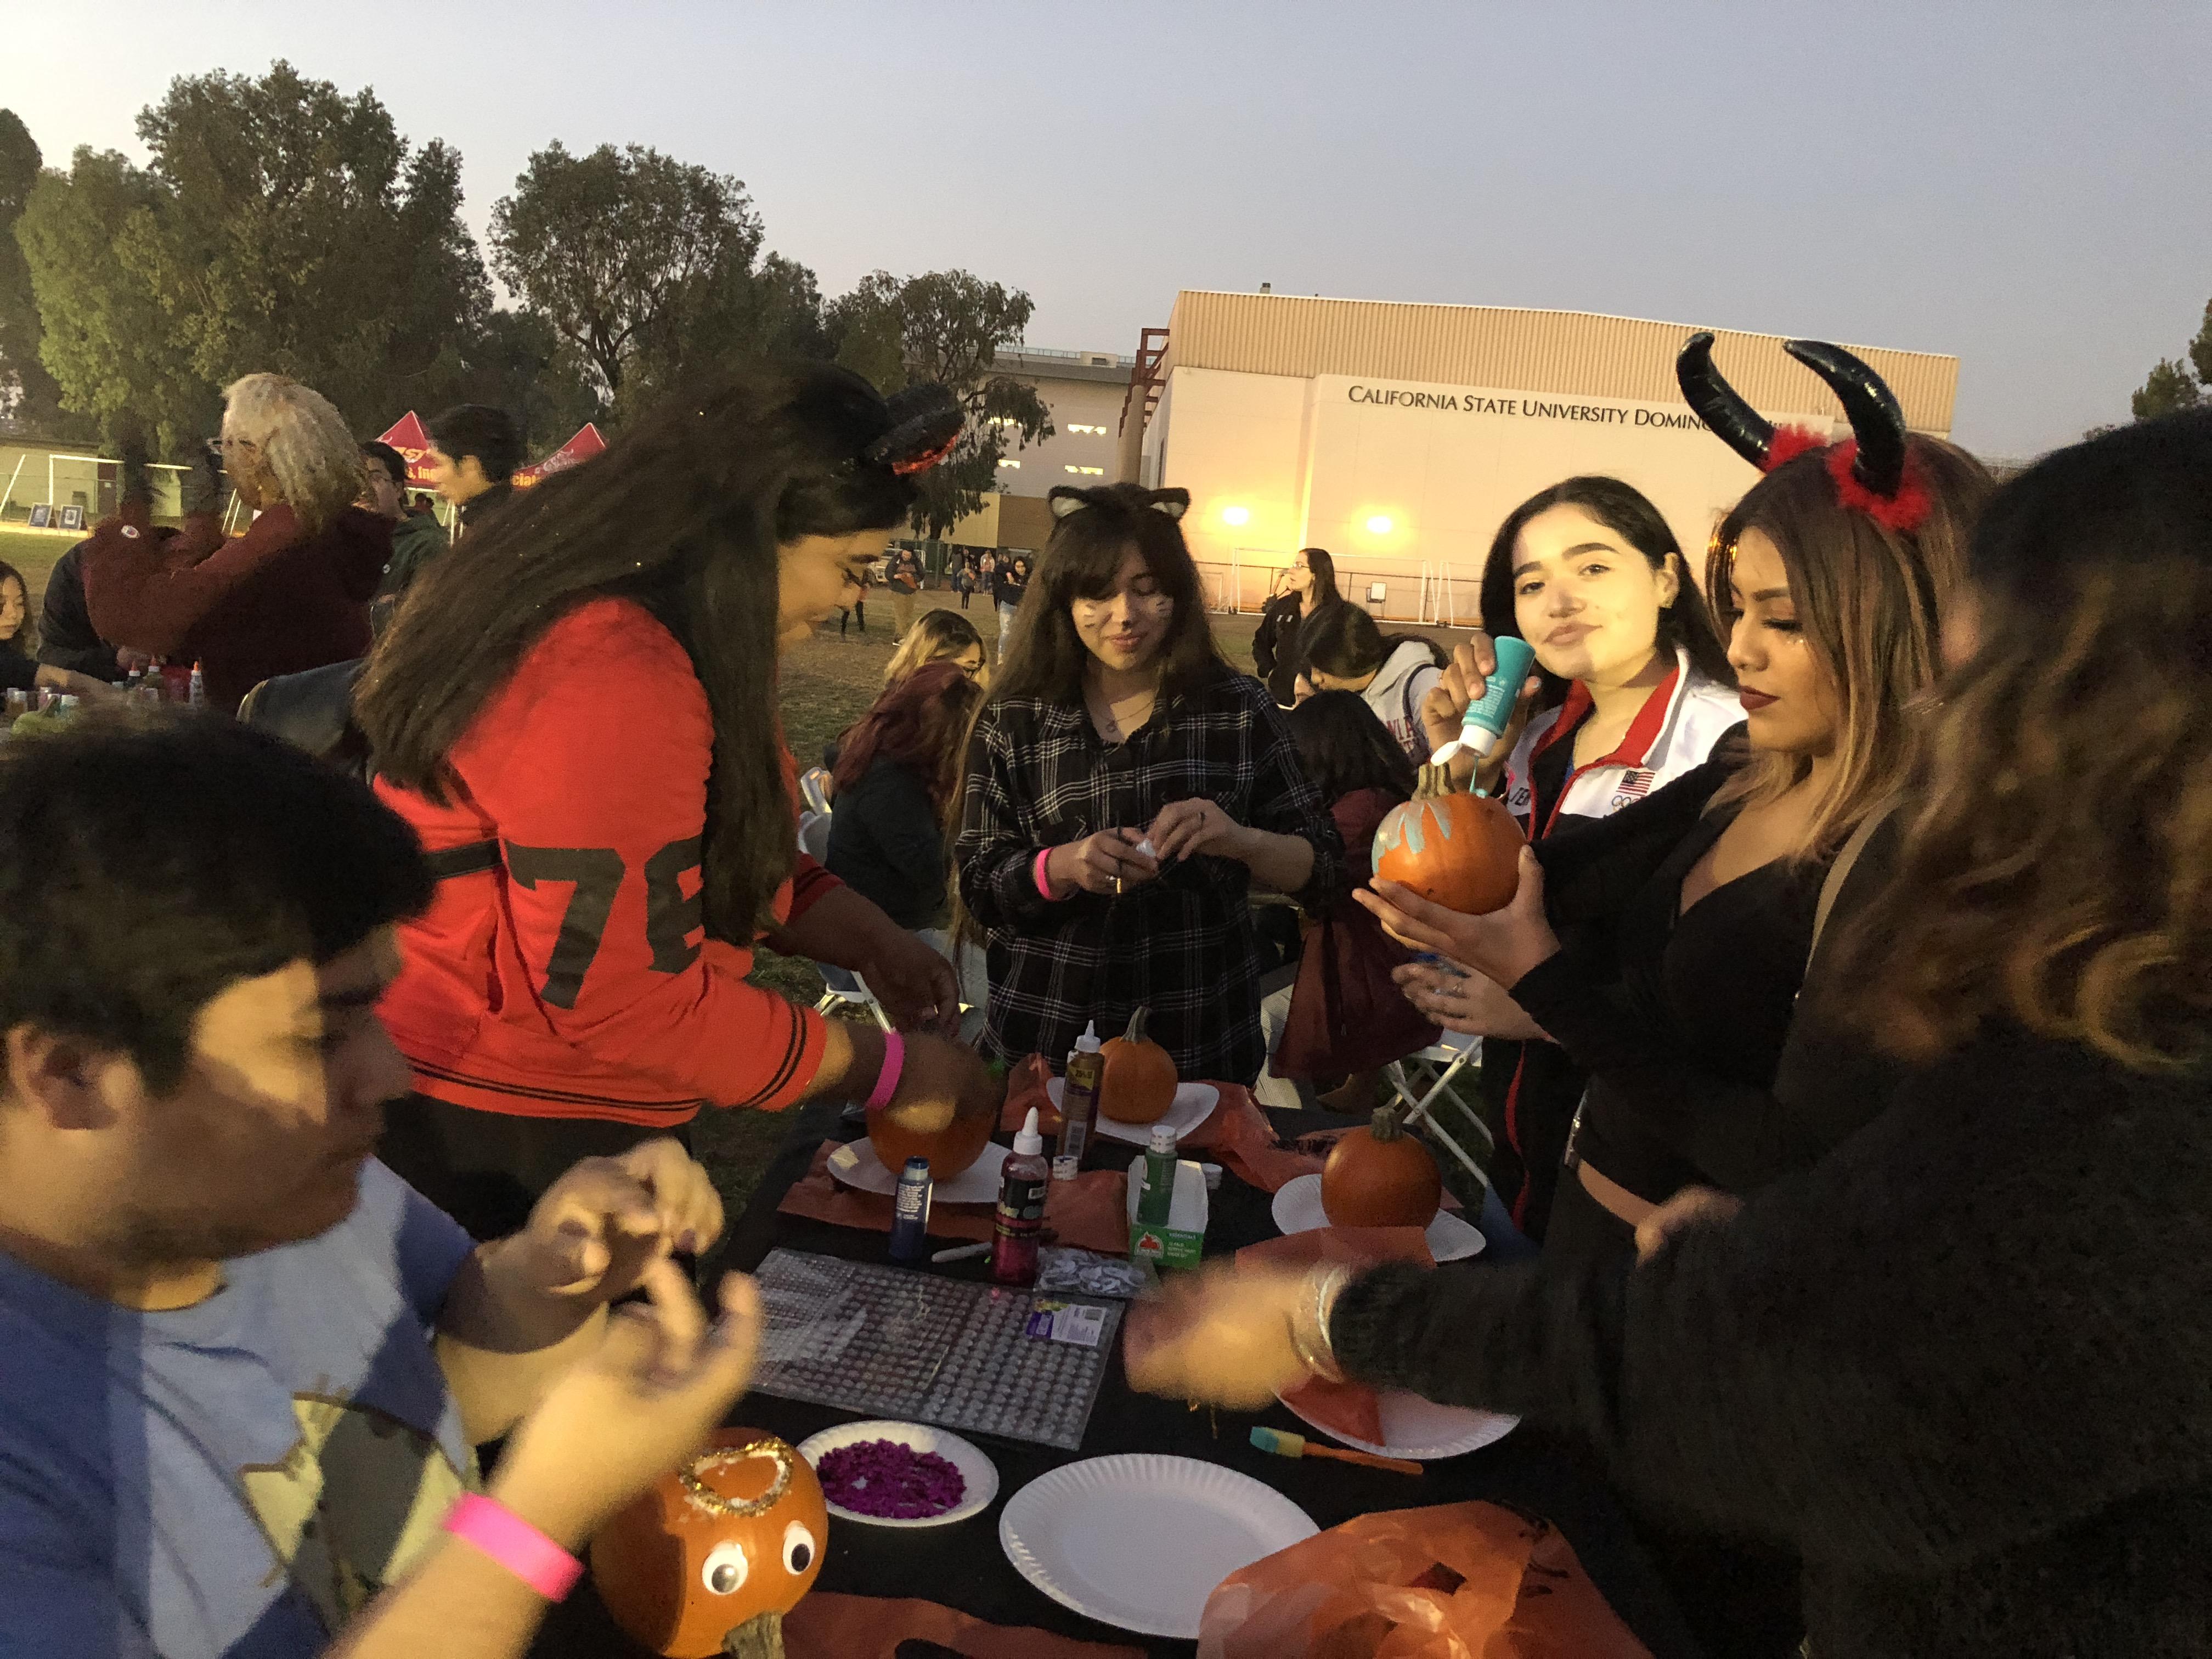 Halloween Haunt - Students Painting Pumpkins